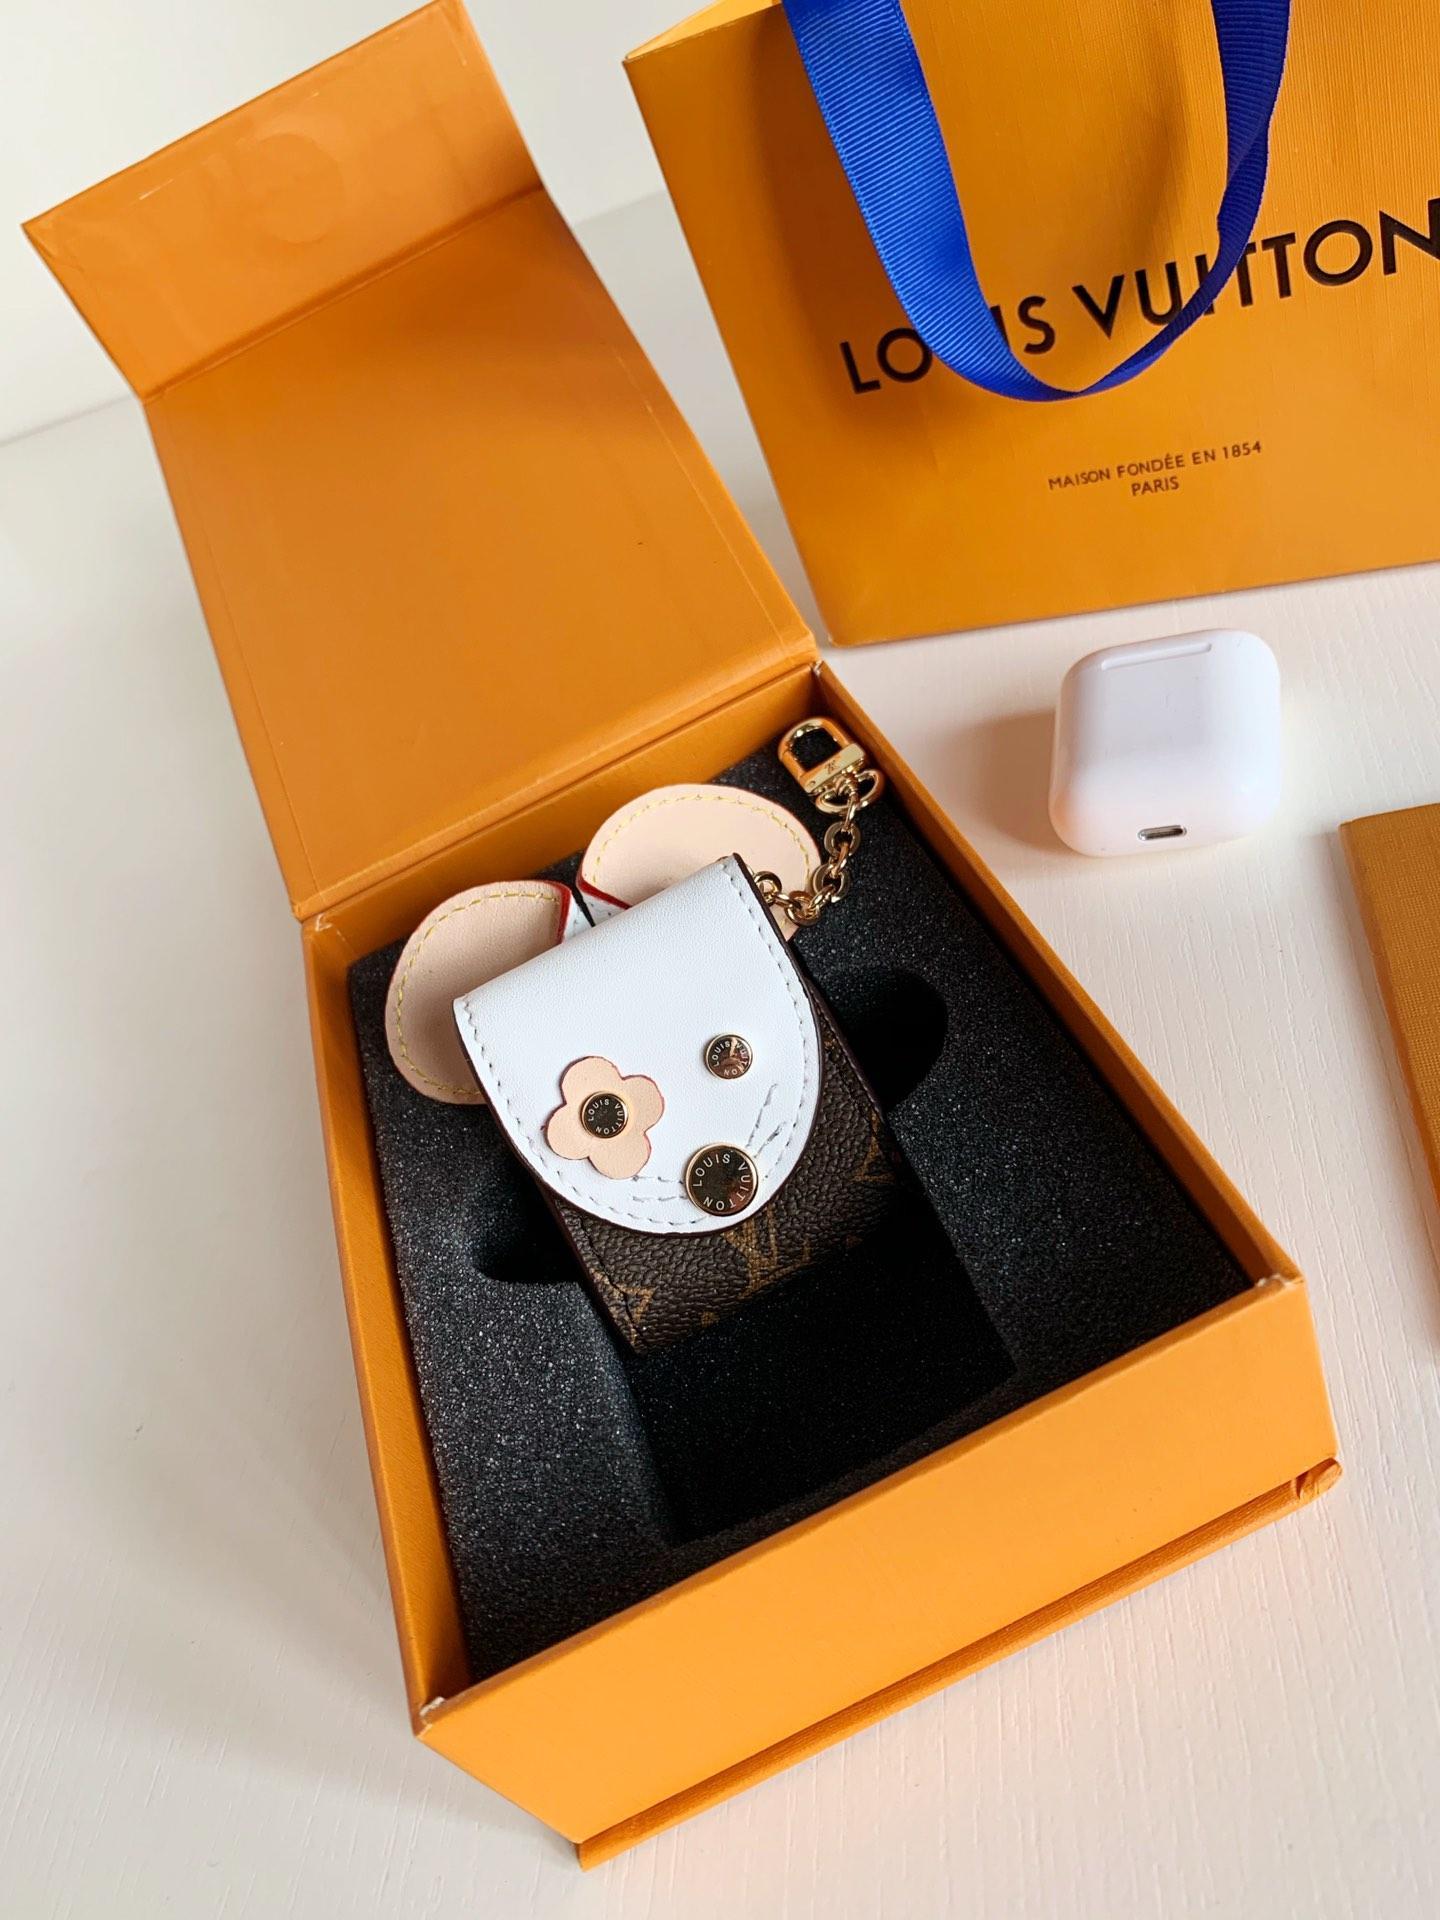 Marca de alta calidad de lujo llavero para hombres y mujeres llavero marca llavero Porte Clef regalos para hombres y mujeres caja de cinturón de recuerdo N02